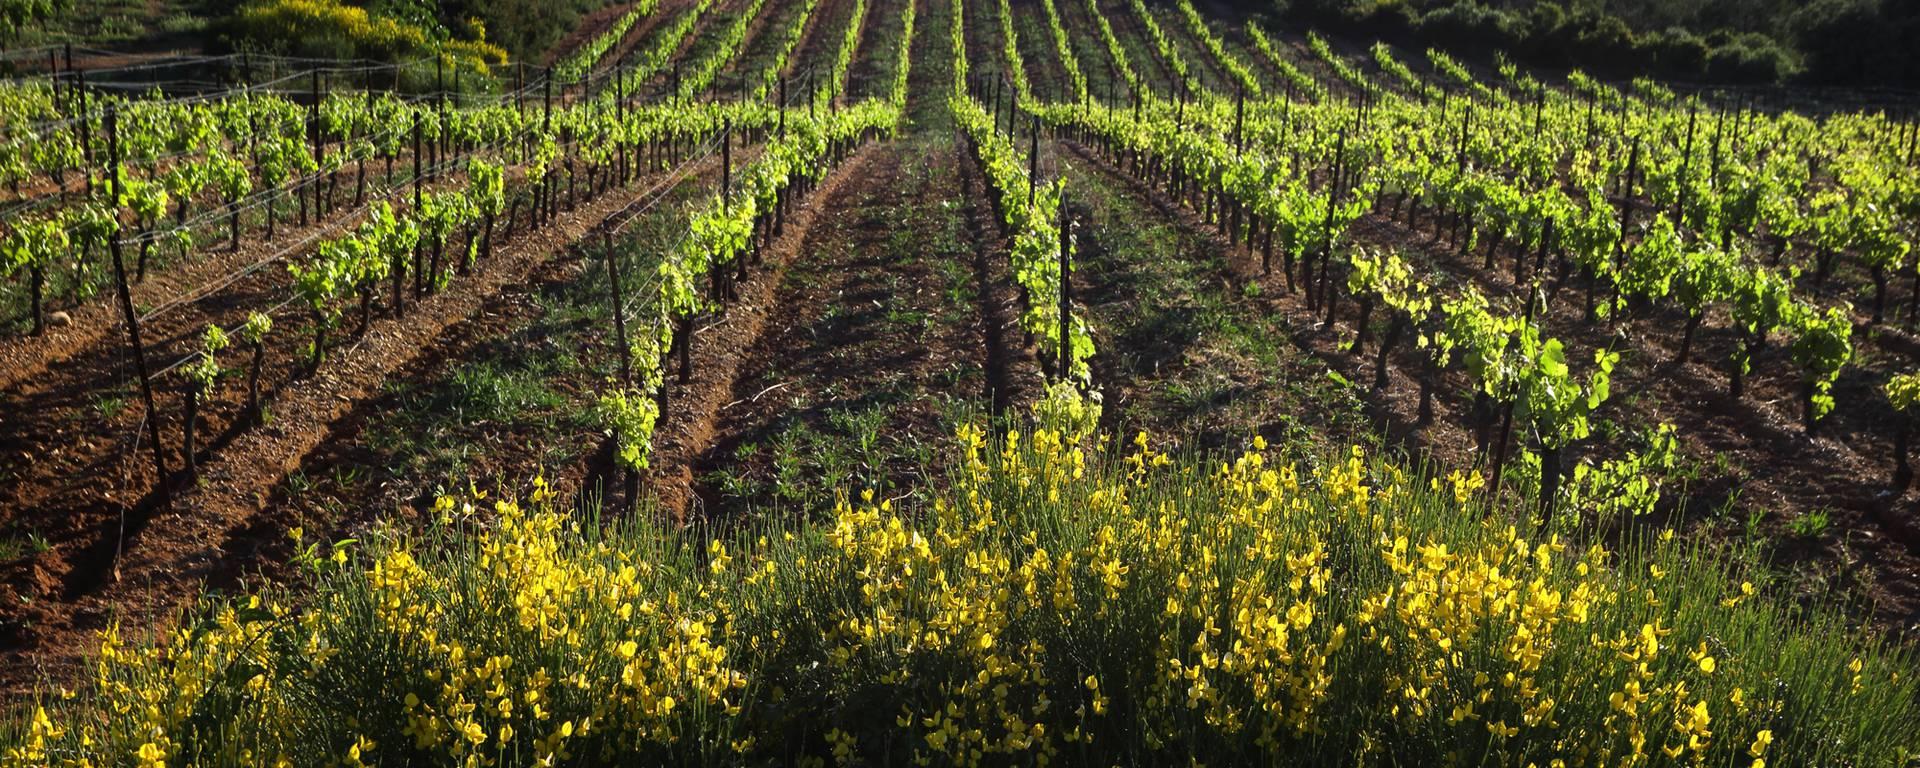 Vineyards ©G.Souche